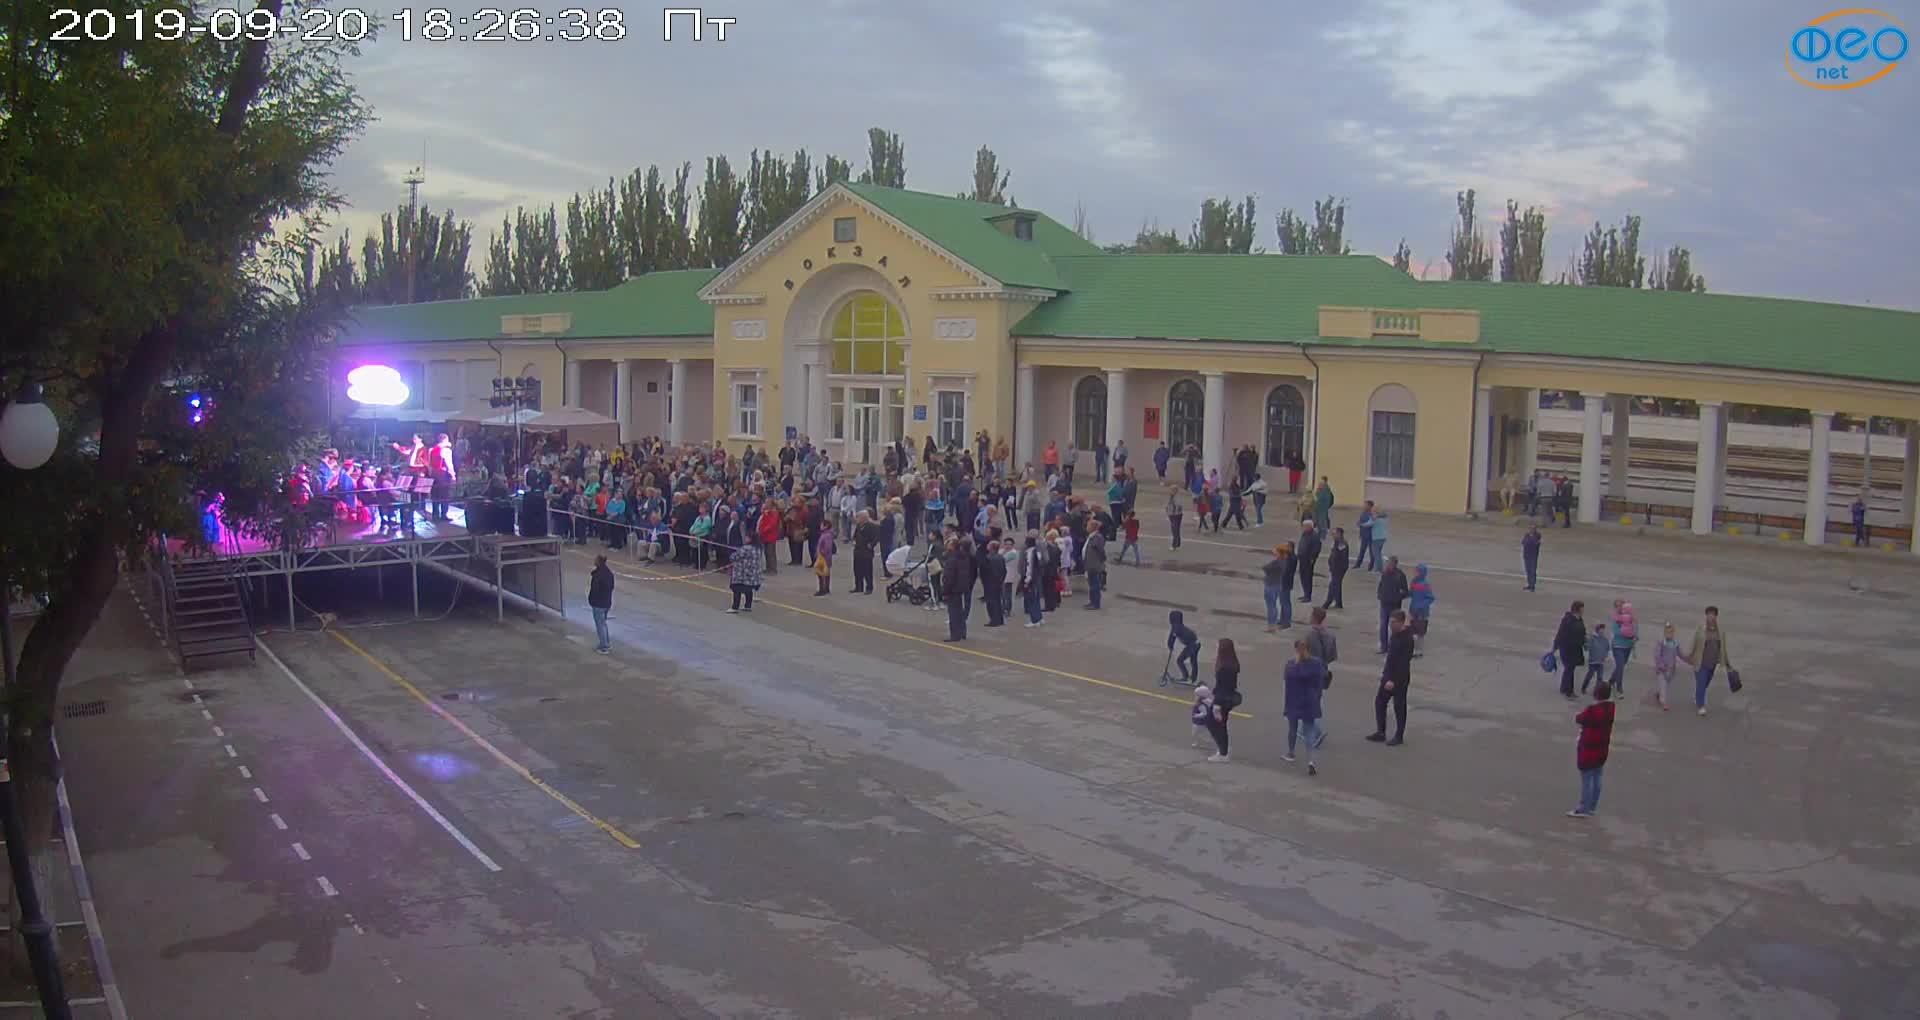 Веб-камеры Феодосии, Привокзальная площадь, 2019-09-20 18:43:08